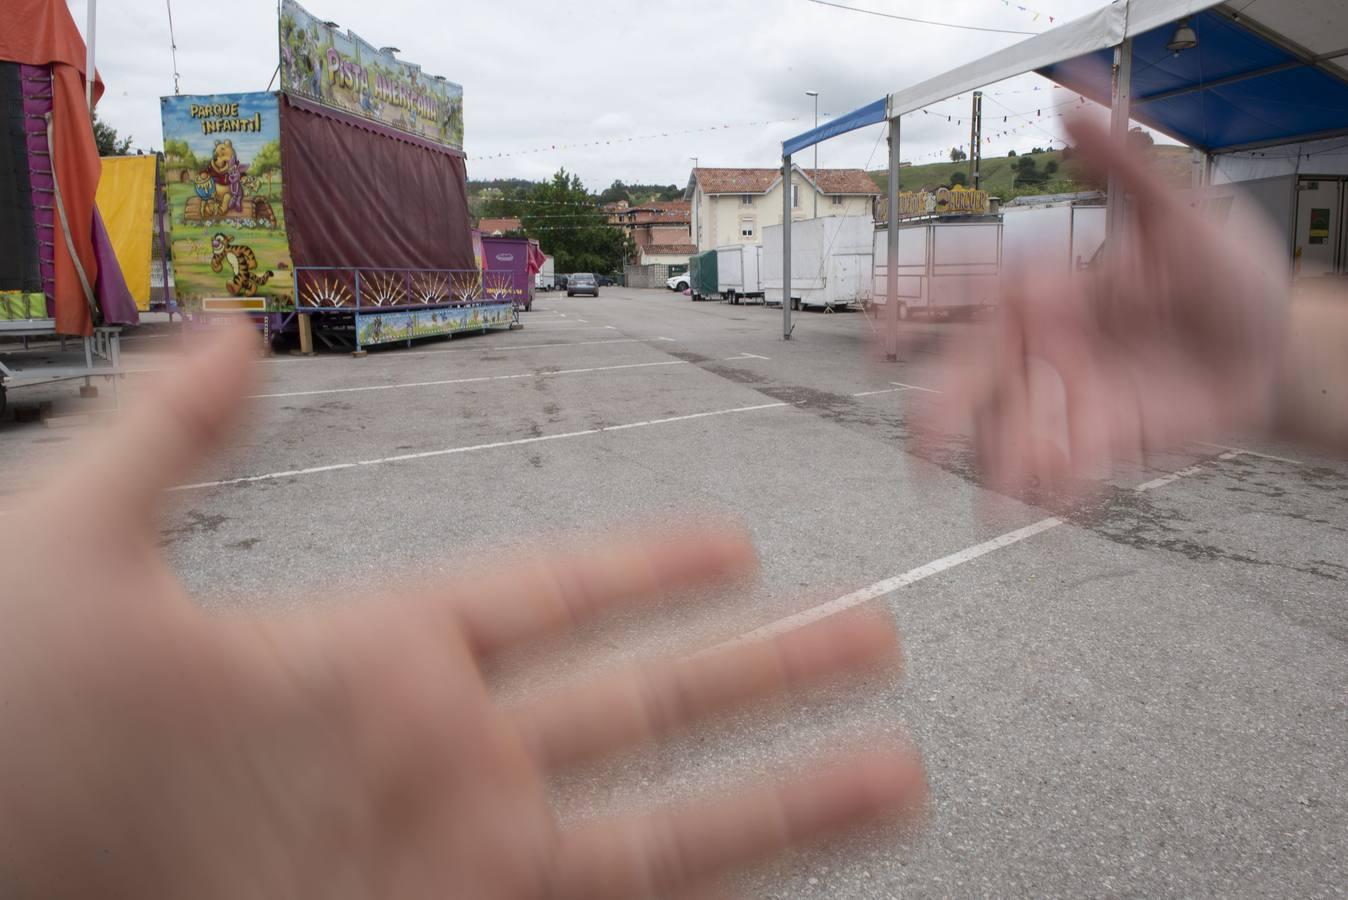 La Guardia Civil investiga a cinco jóvenes del pueblo por la trifulca de las fiestas de Liérganes